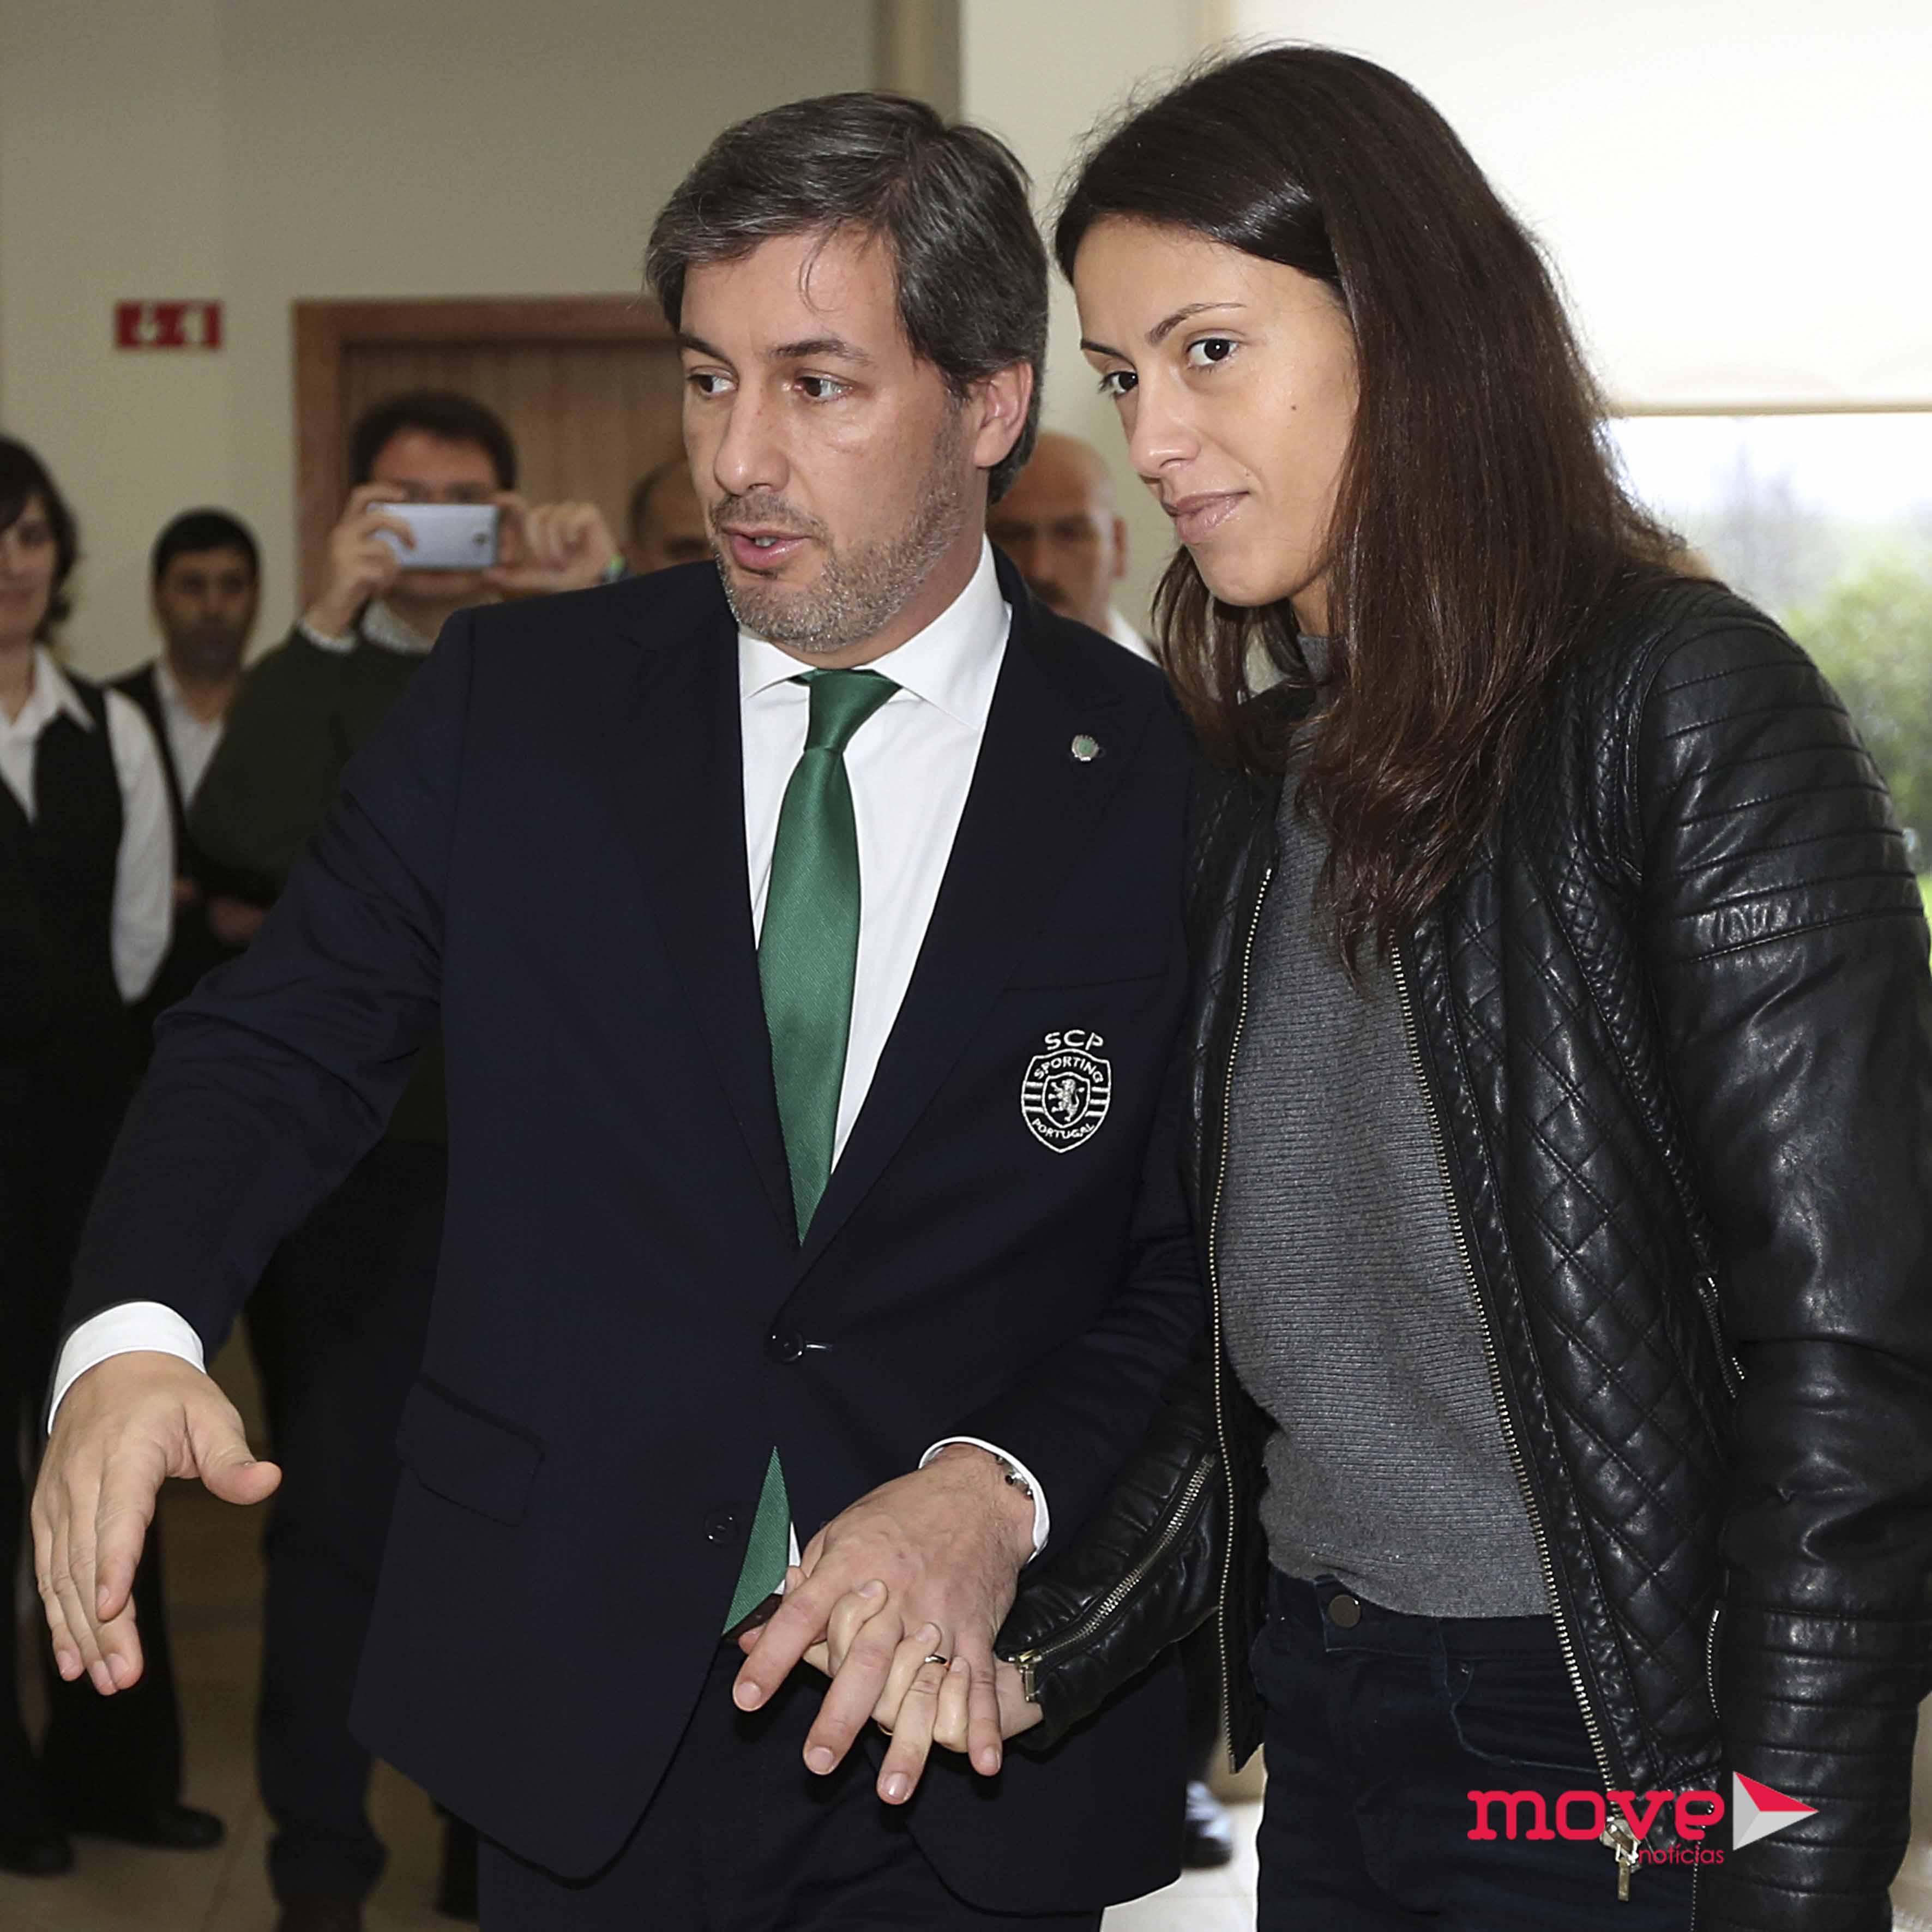 Bruno de Carvalho e Joana Ornelas 2